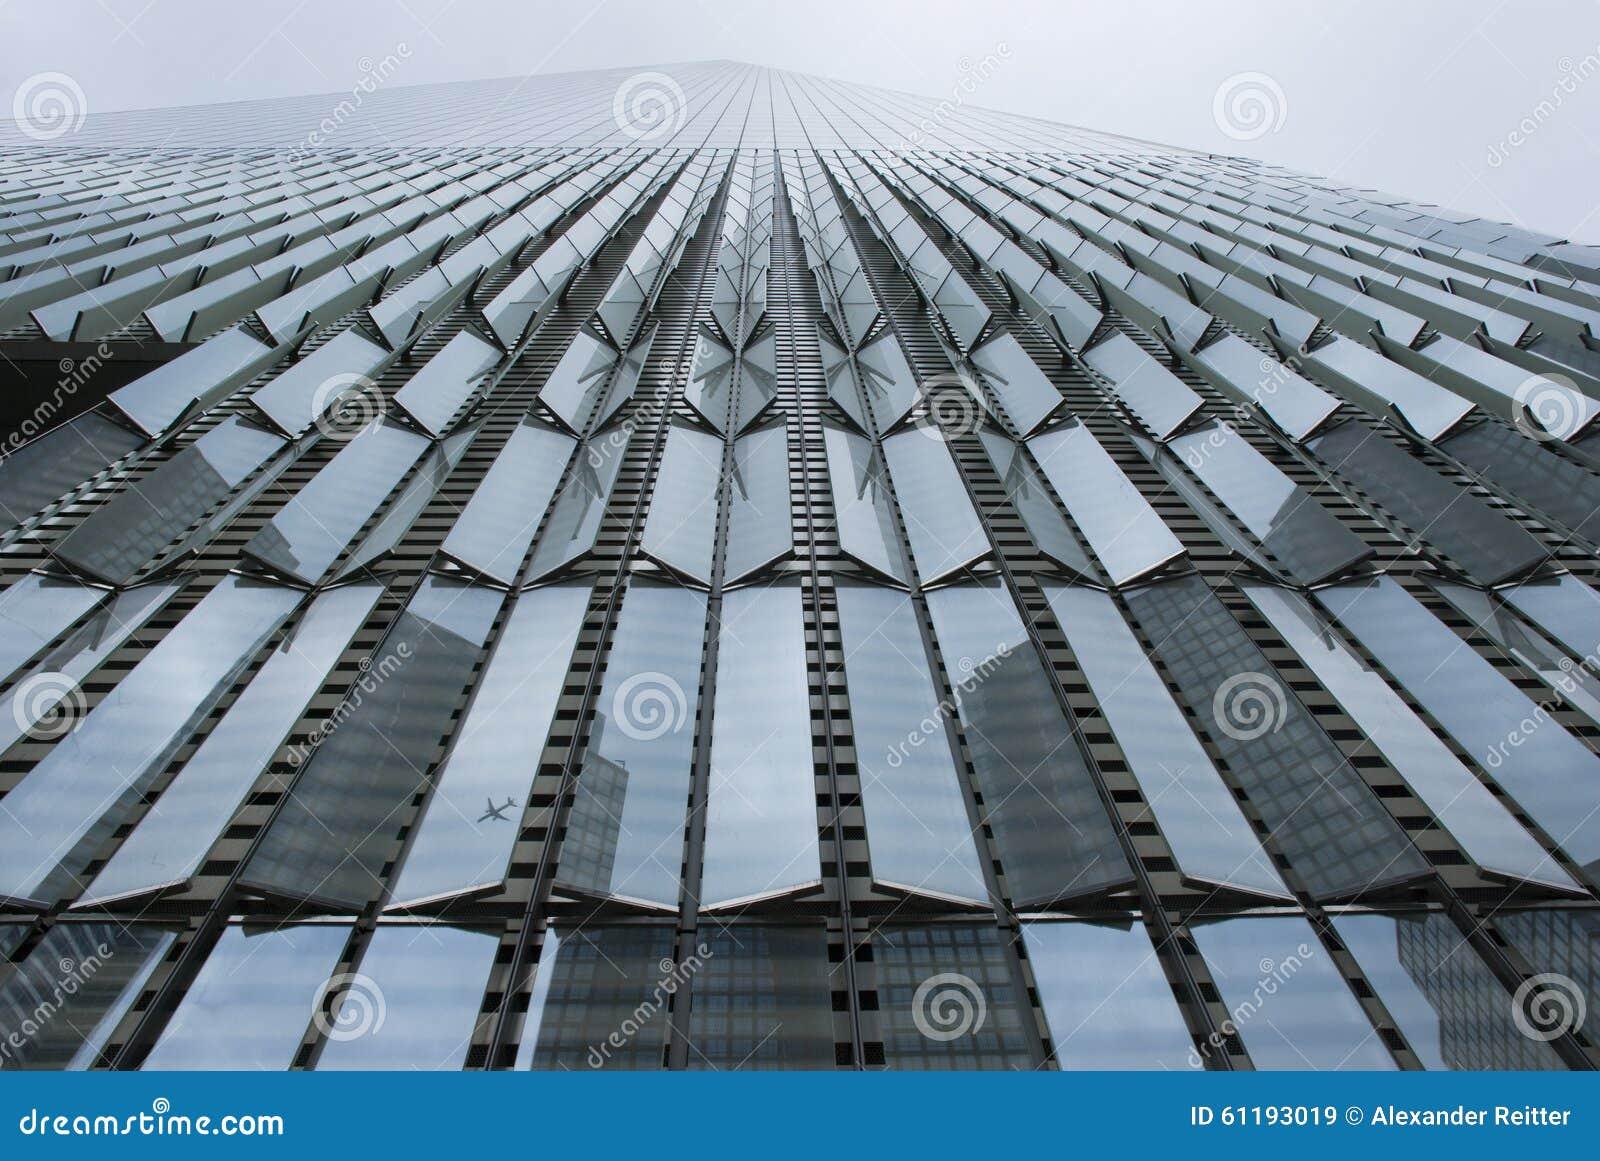 Architektur Fassade zeitgenössische architektur fassade einem trade center